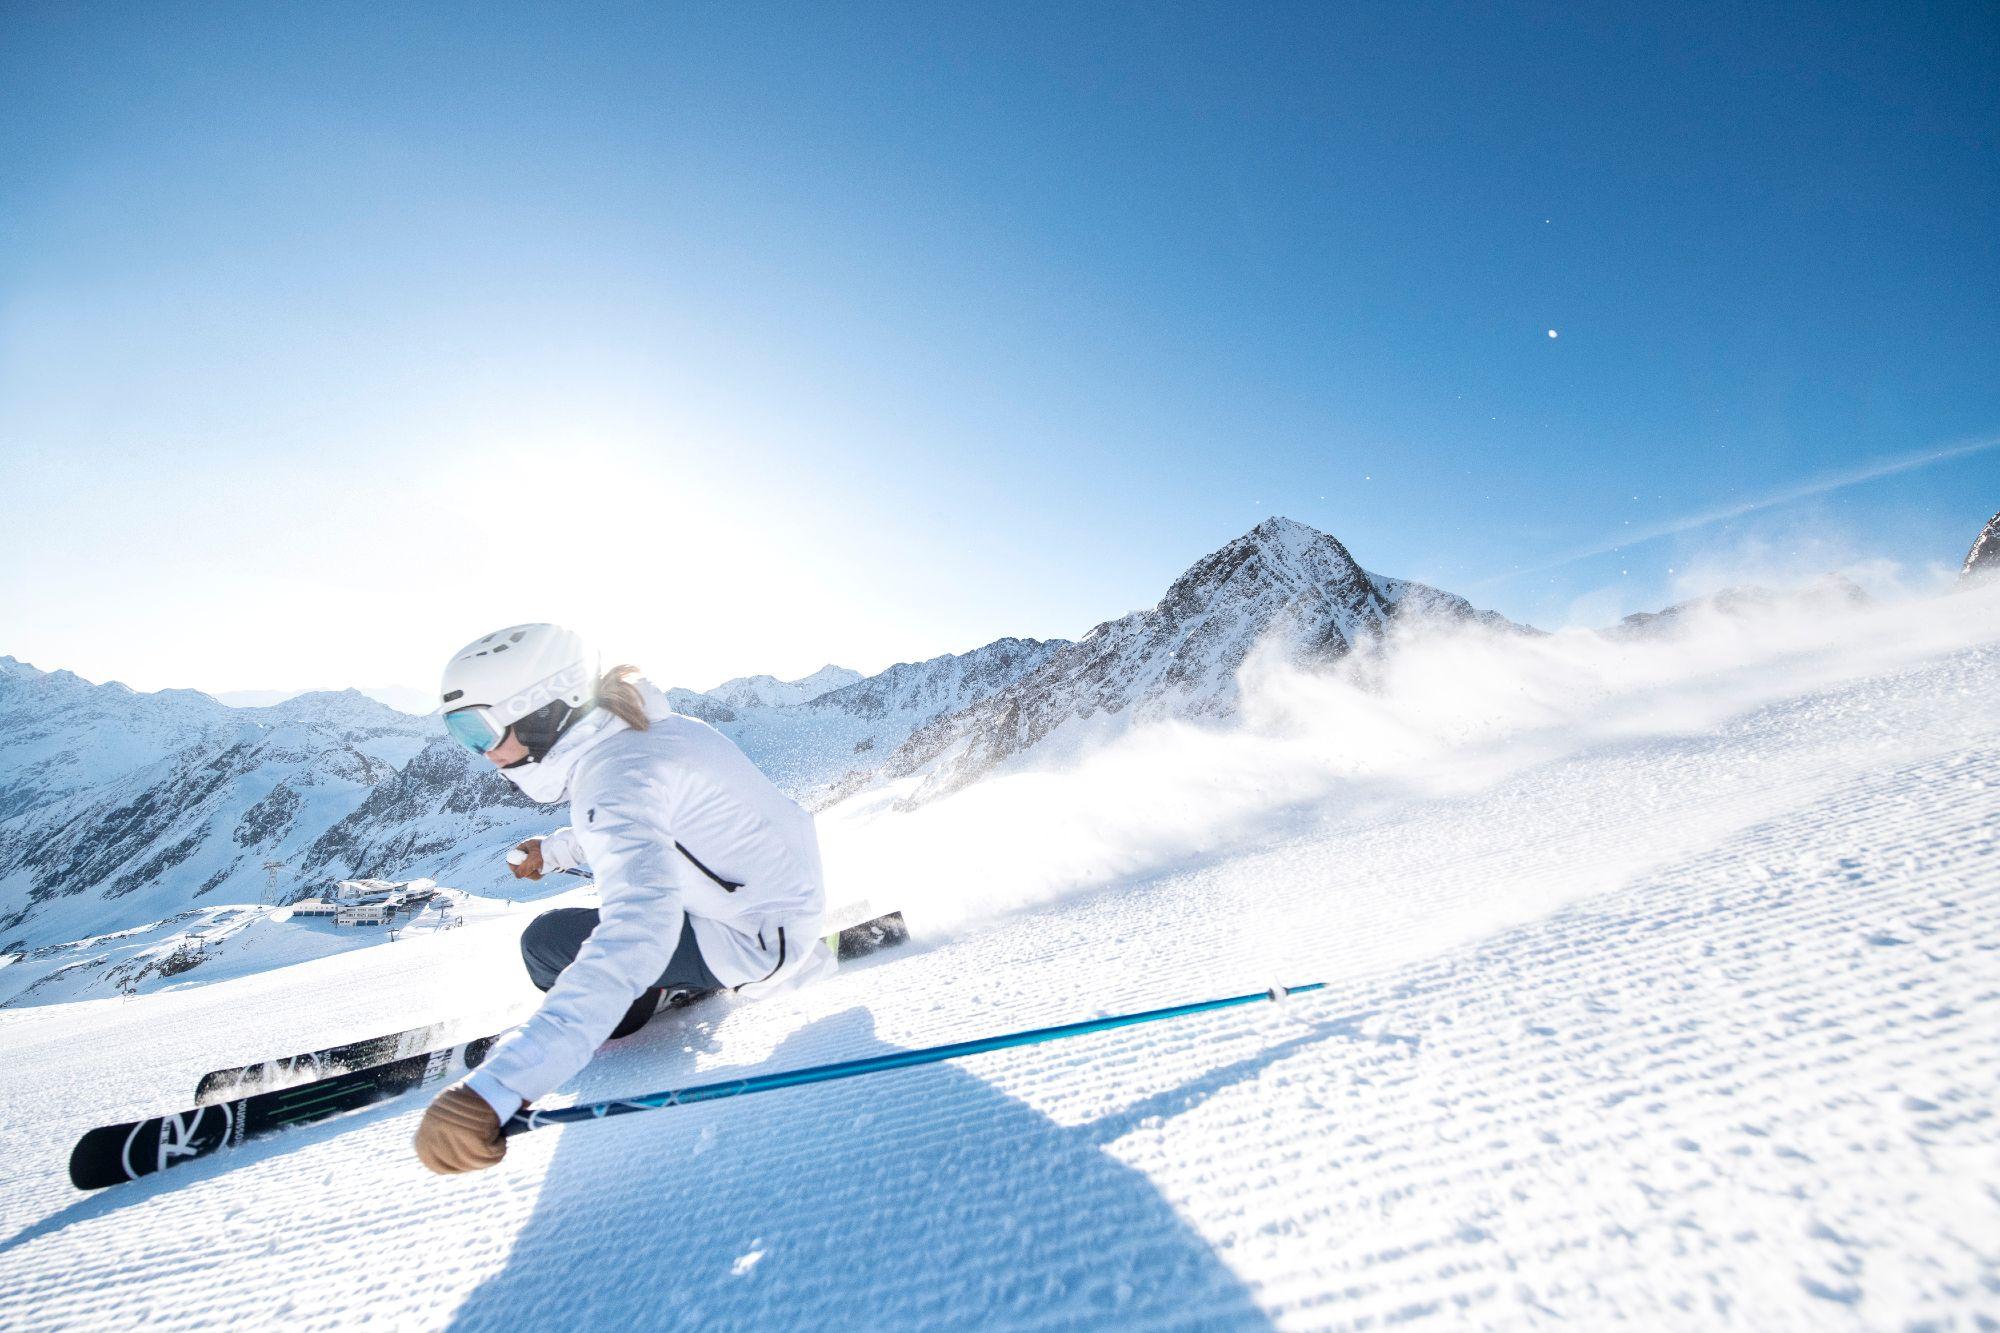 5 tyrolskich lodowców: najlepsze propozycje na początek narciarskiego sezonu